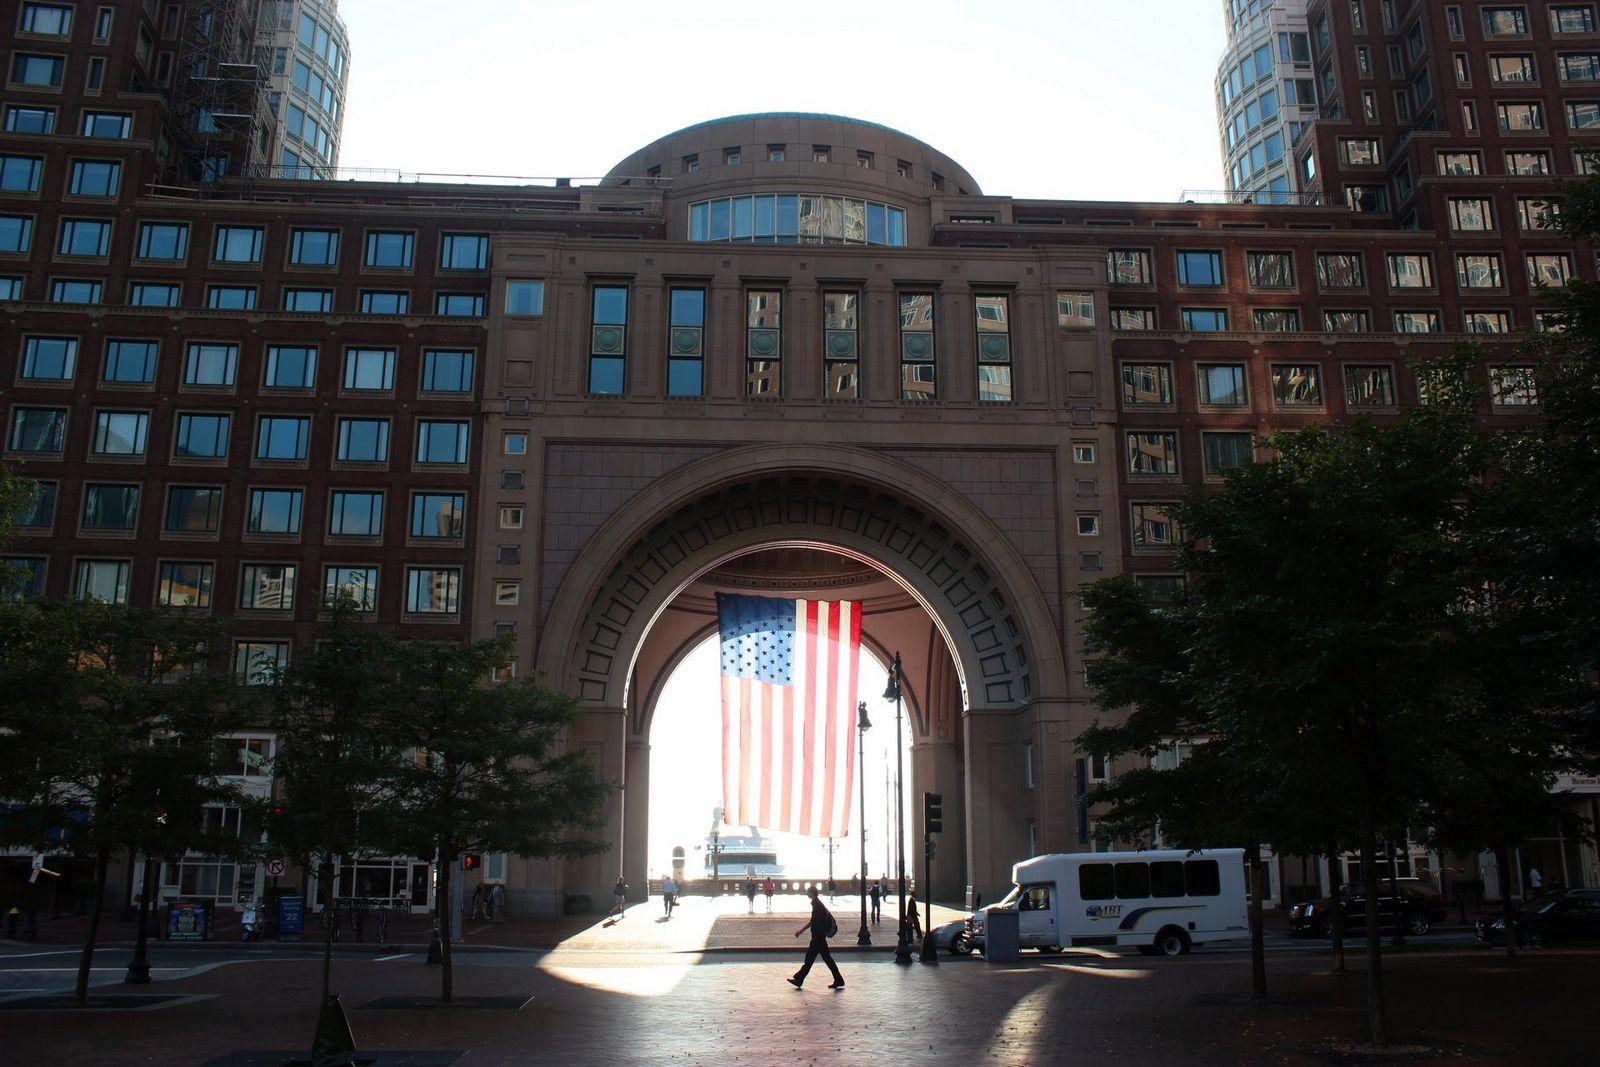 En Atlantic Avenue huele a oficinas y dinero